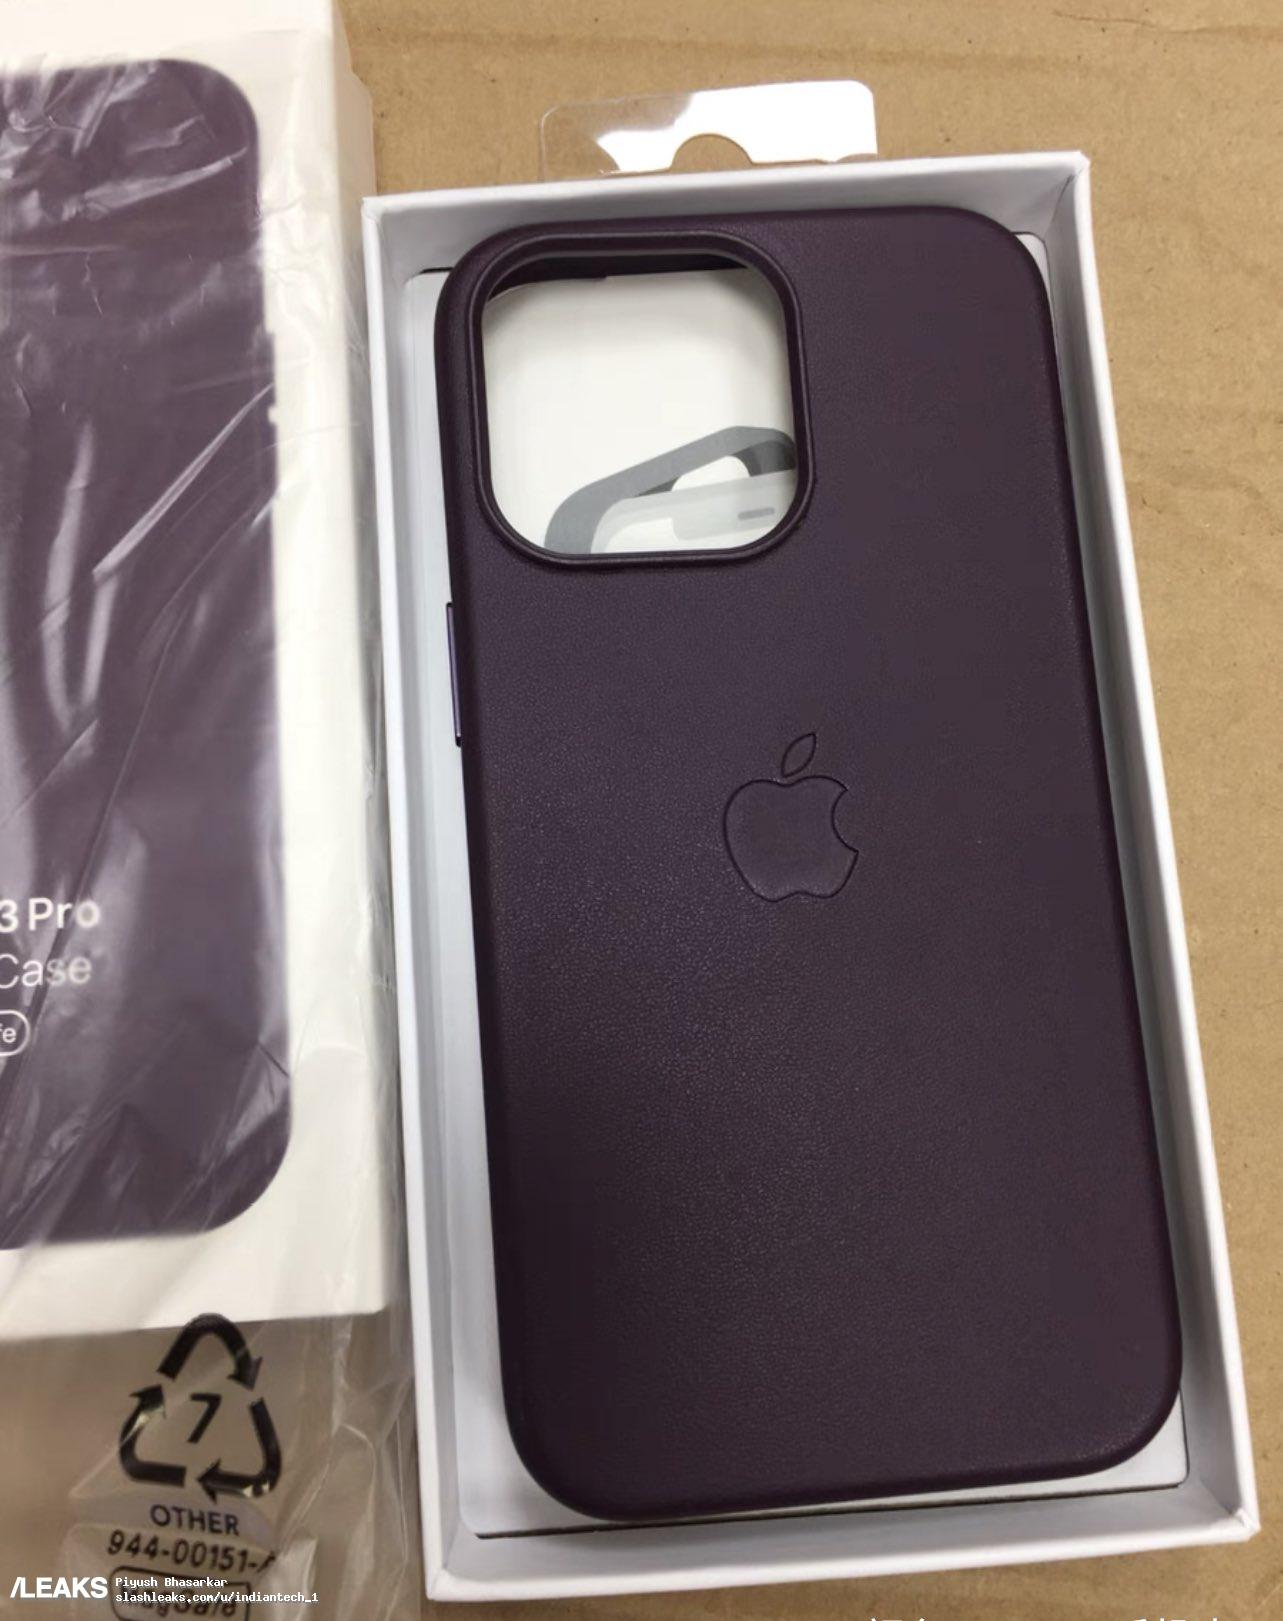 W sieci pojawiły się zdjęcia oryginalnych etui Apple do iPhone 13 ciekawostki silikonowe etui firmy apple, silikonowe etui do iphone 13, iPhone 13 Pro, iPhone 13, Apple  Serwis Slashleaks opublikował nowe zdjęcia silikonowych etui firmy Apple na smartfony z linii iPhone 13. Zobaczcie je wszystkie już teraz. iP13 etui 3